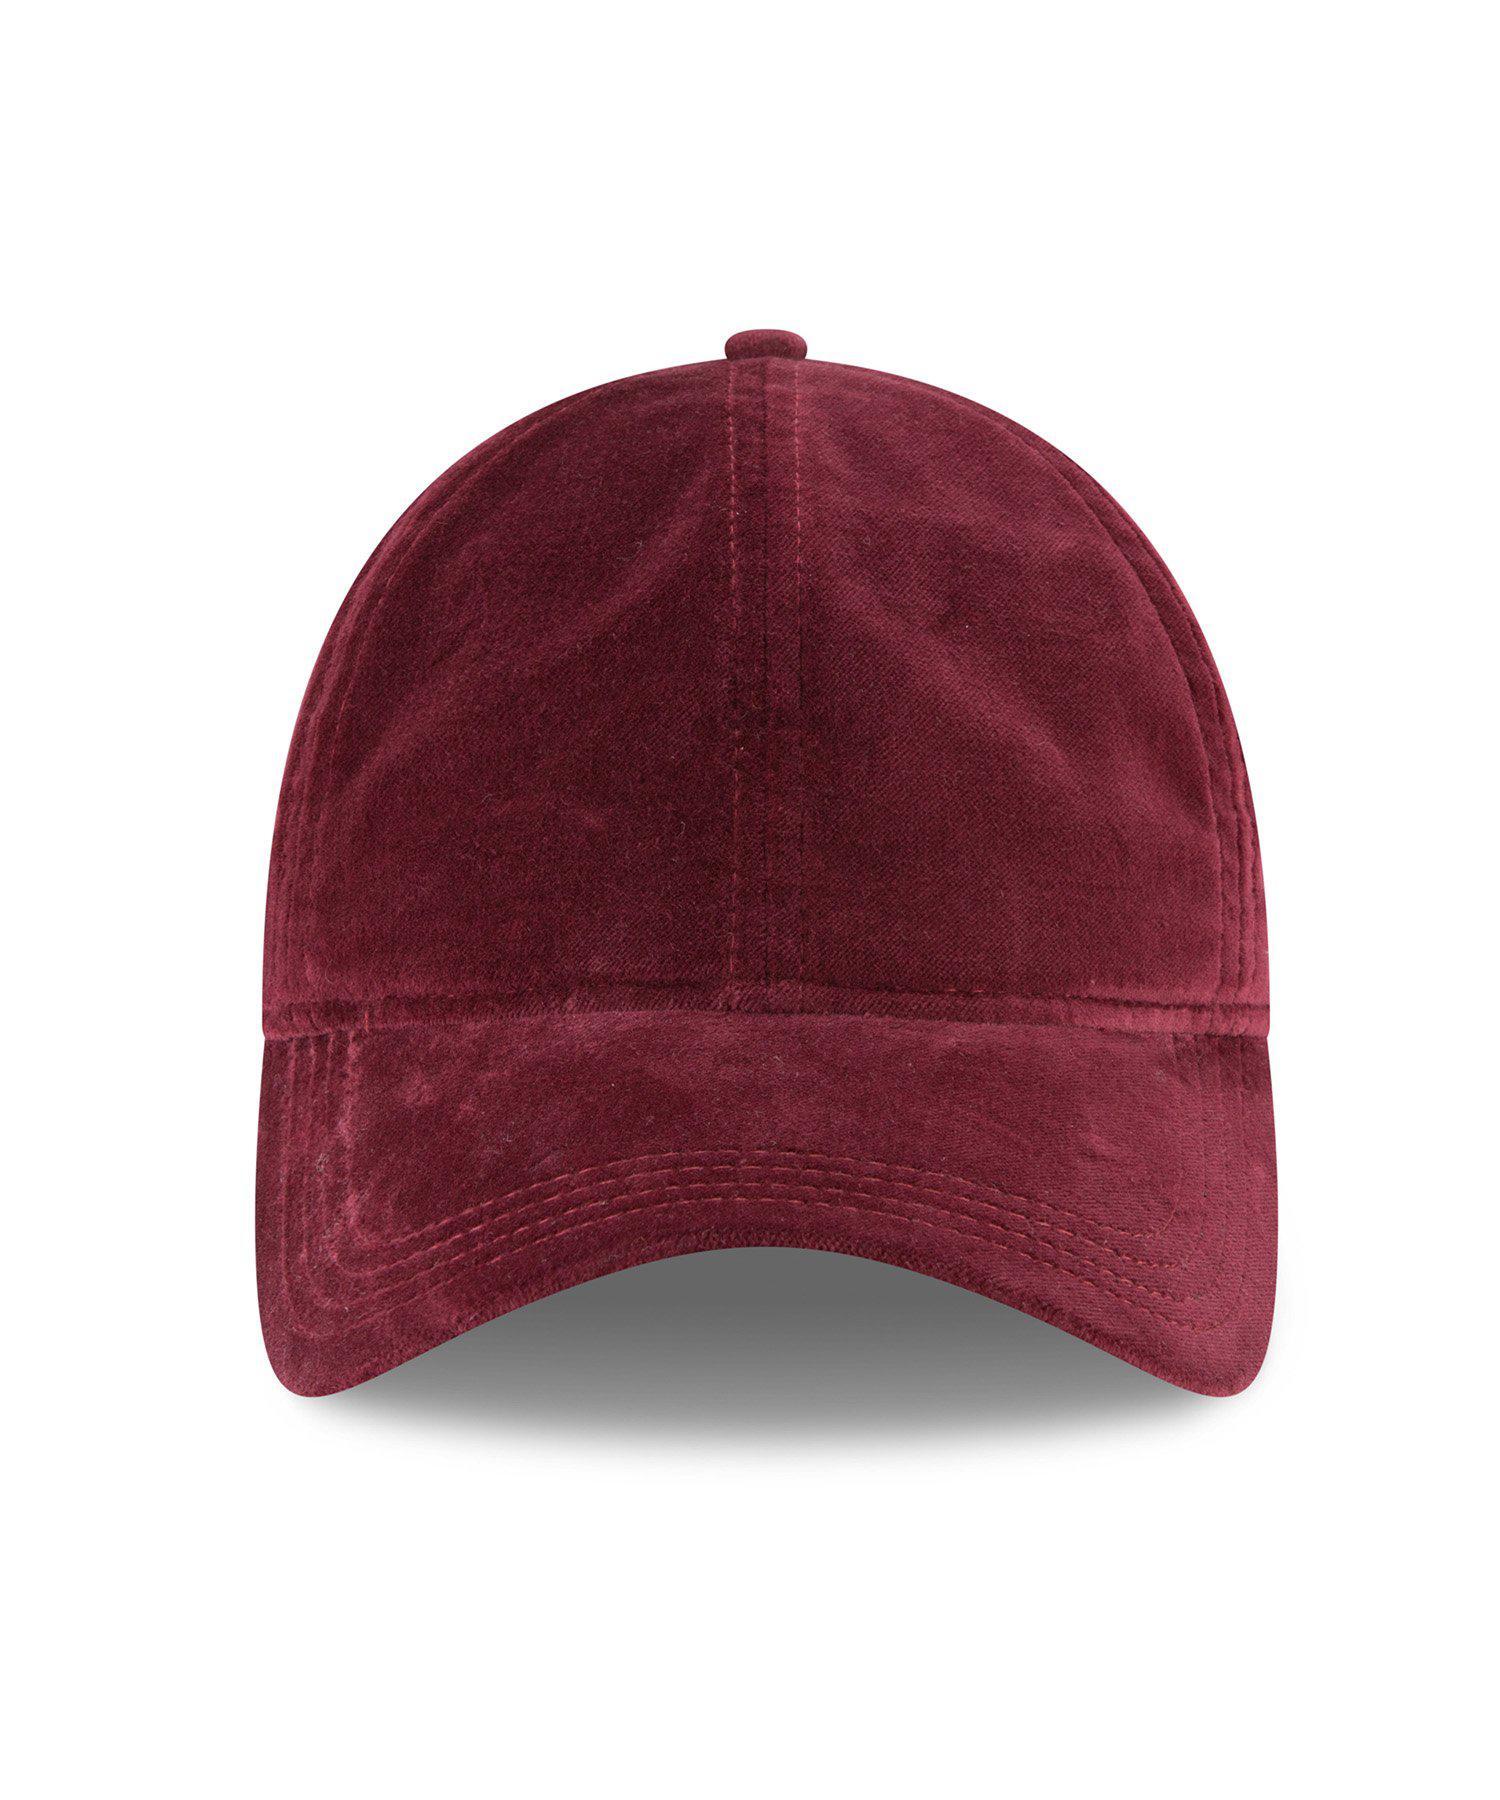 0417e245371 ... New Era Velvet 9twenty Cap In Maroon for Men - Lyst. View fullscreen